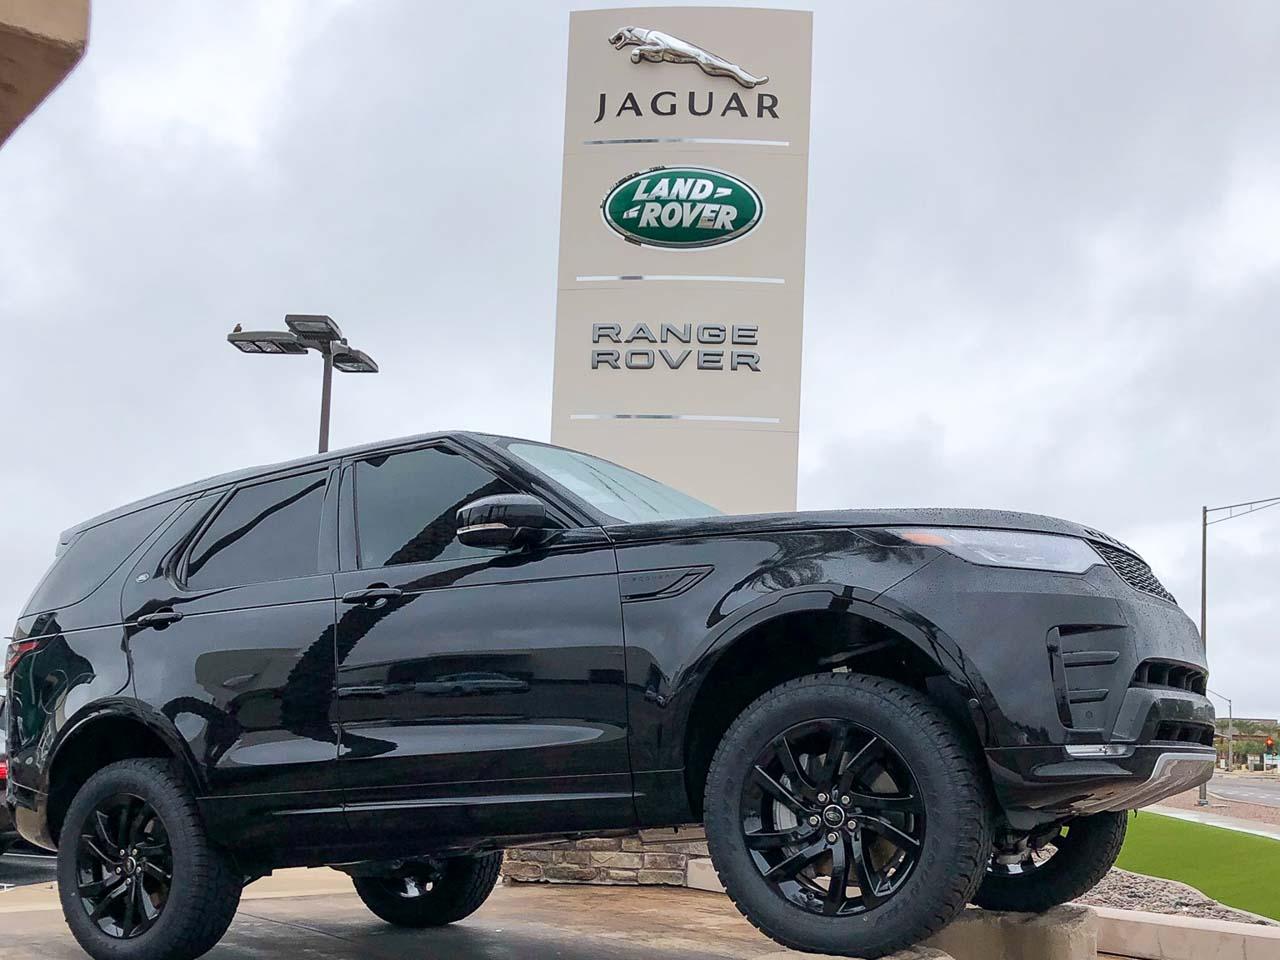 Jaguar's long term future a question mark as losses mount